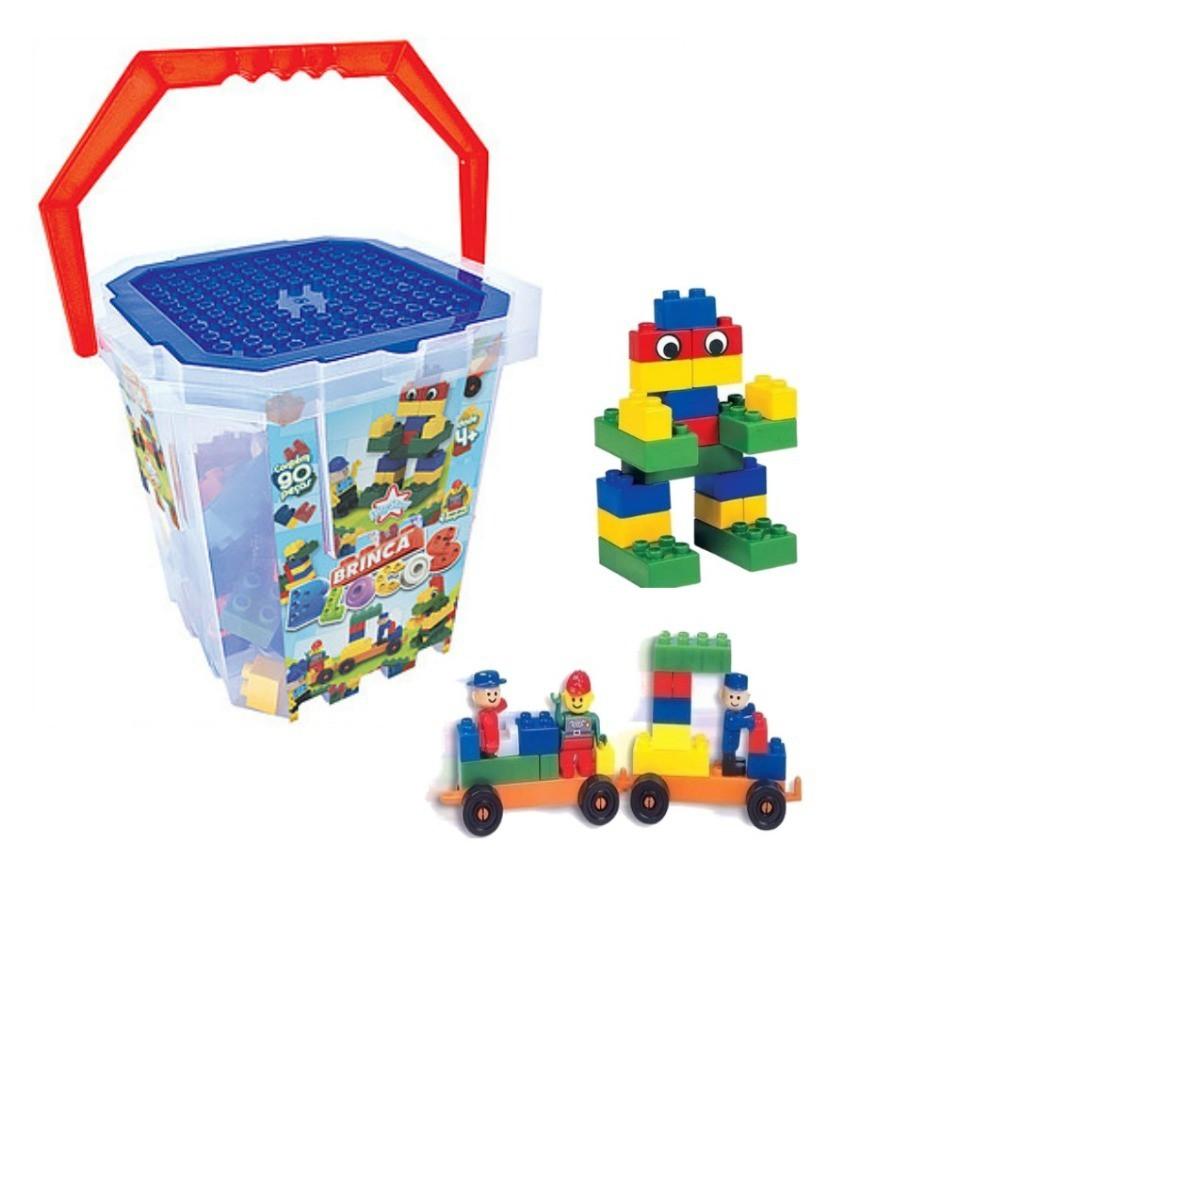 Brinquedo Balde Brinca Blocos 90 peças Blocos de Montar